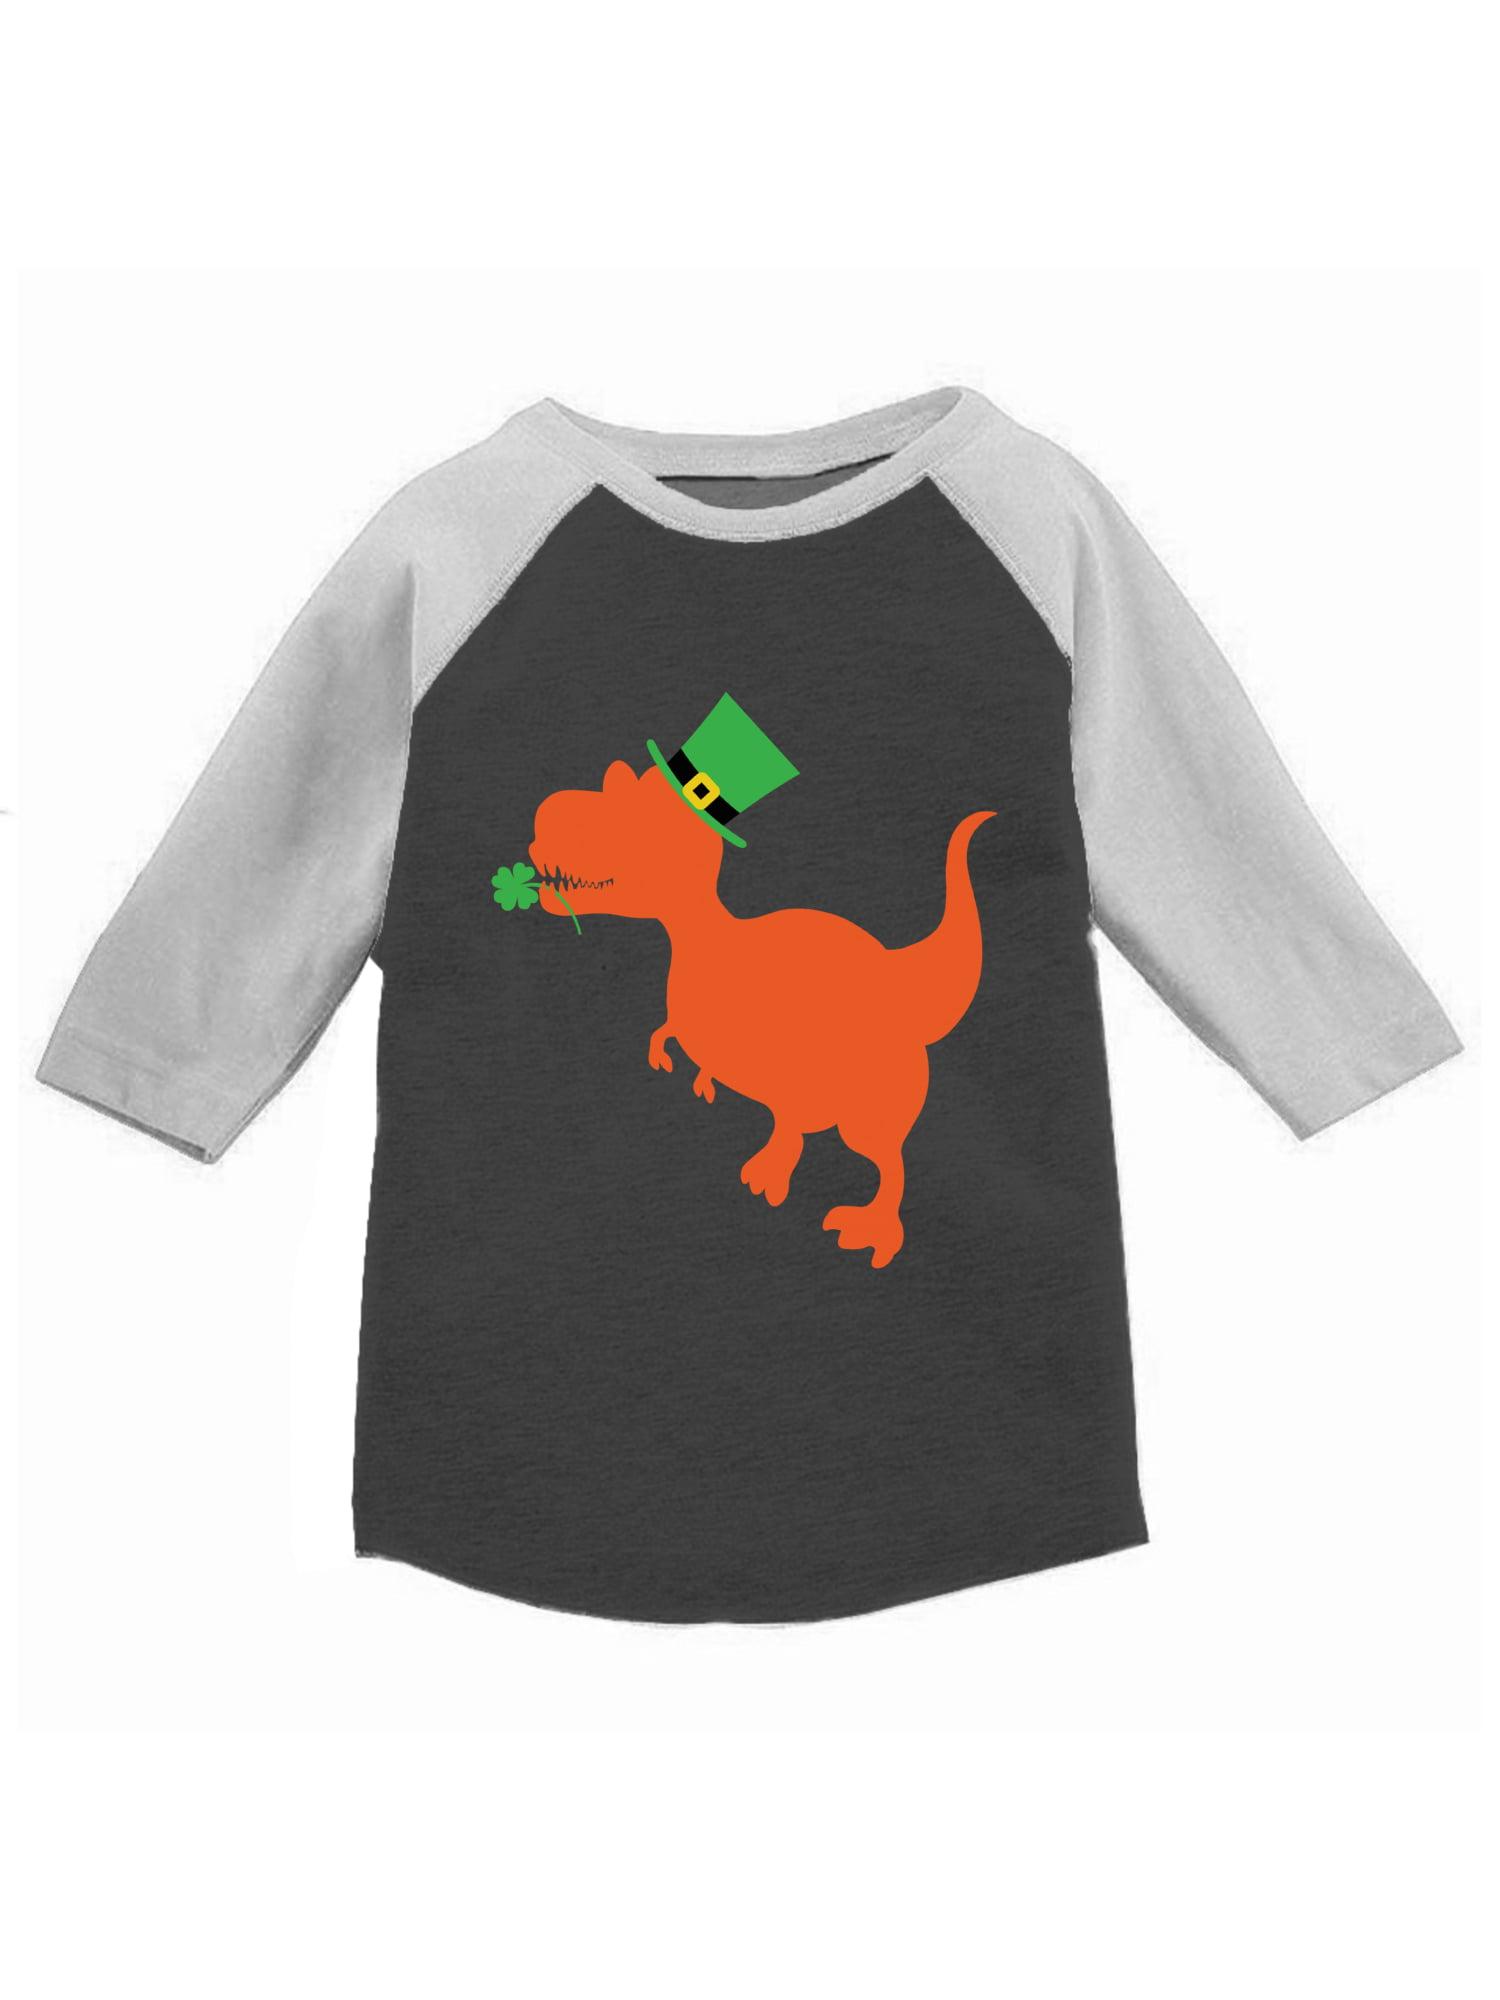 a9a0281da Awkward Styles Irish Dinosaur Toddler Raglan St. Patrick's Day Jersey Shirt  Saint Patrick Shirt Kids St. Patrick's Day Outfit St. Patrick Shirt Irish  Gifts ...